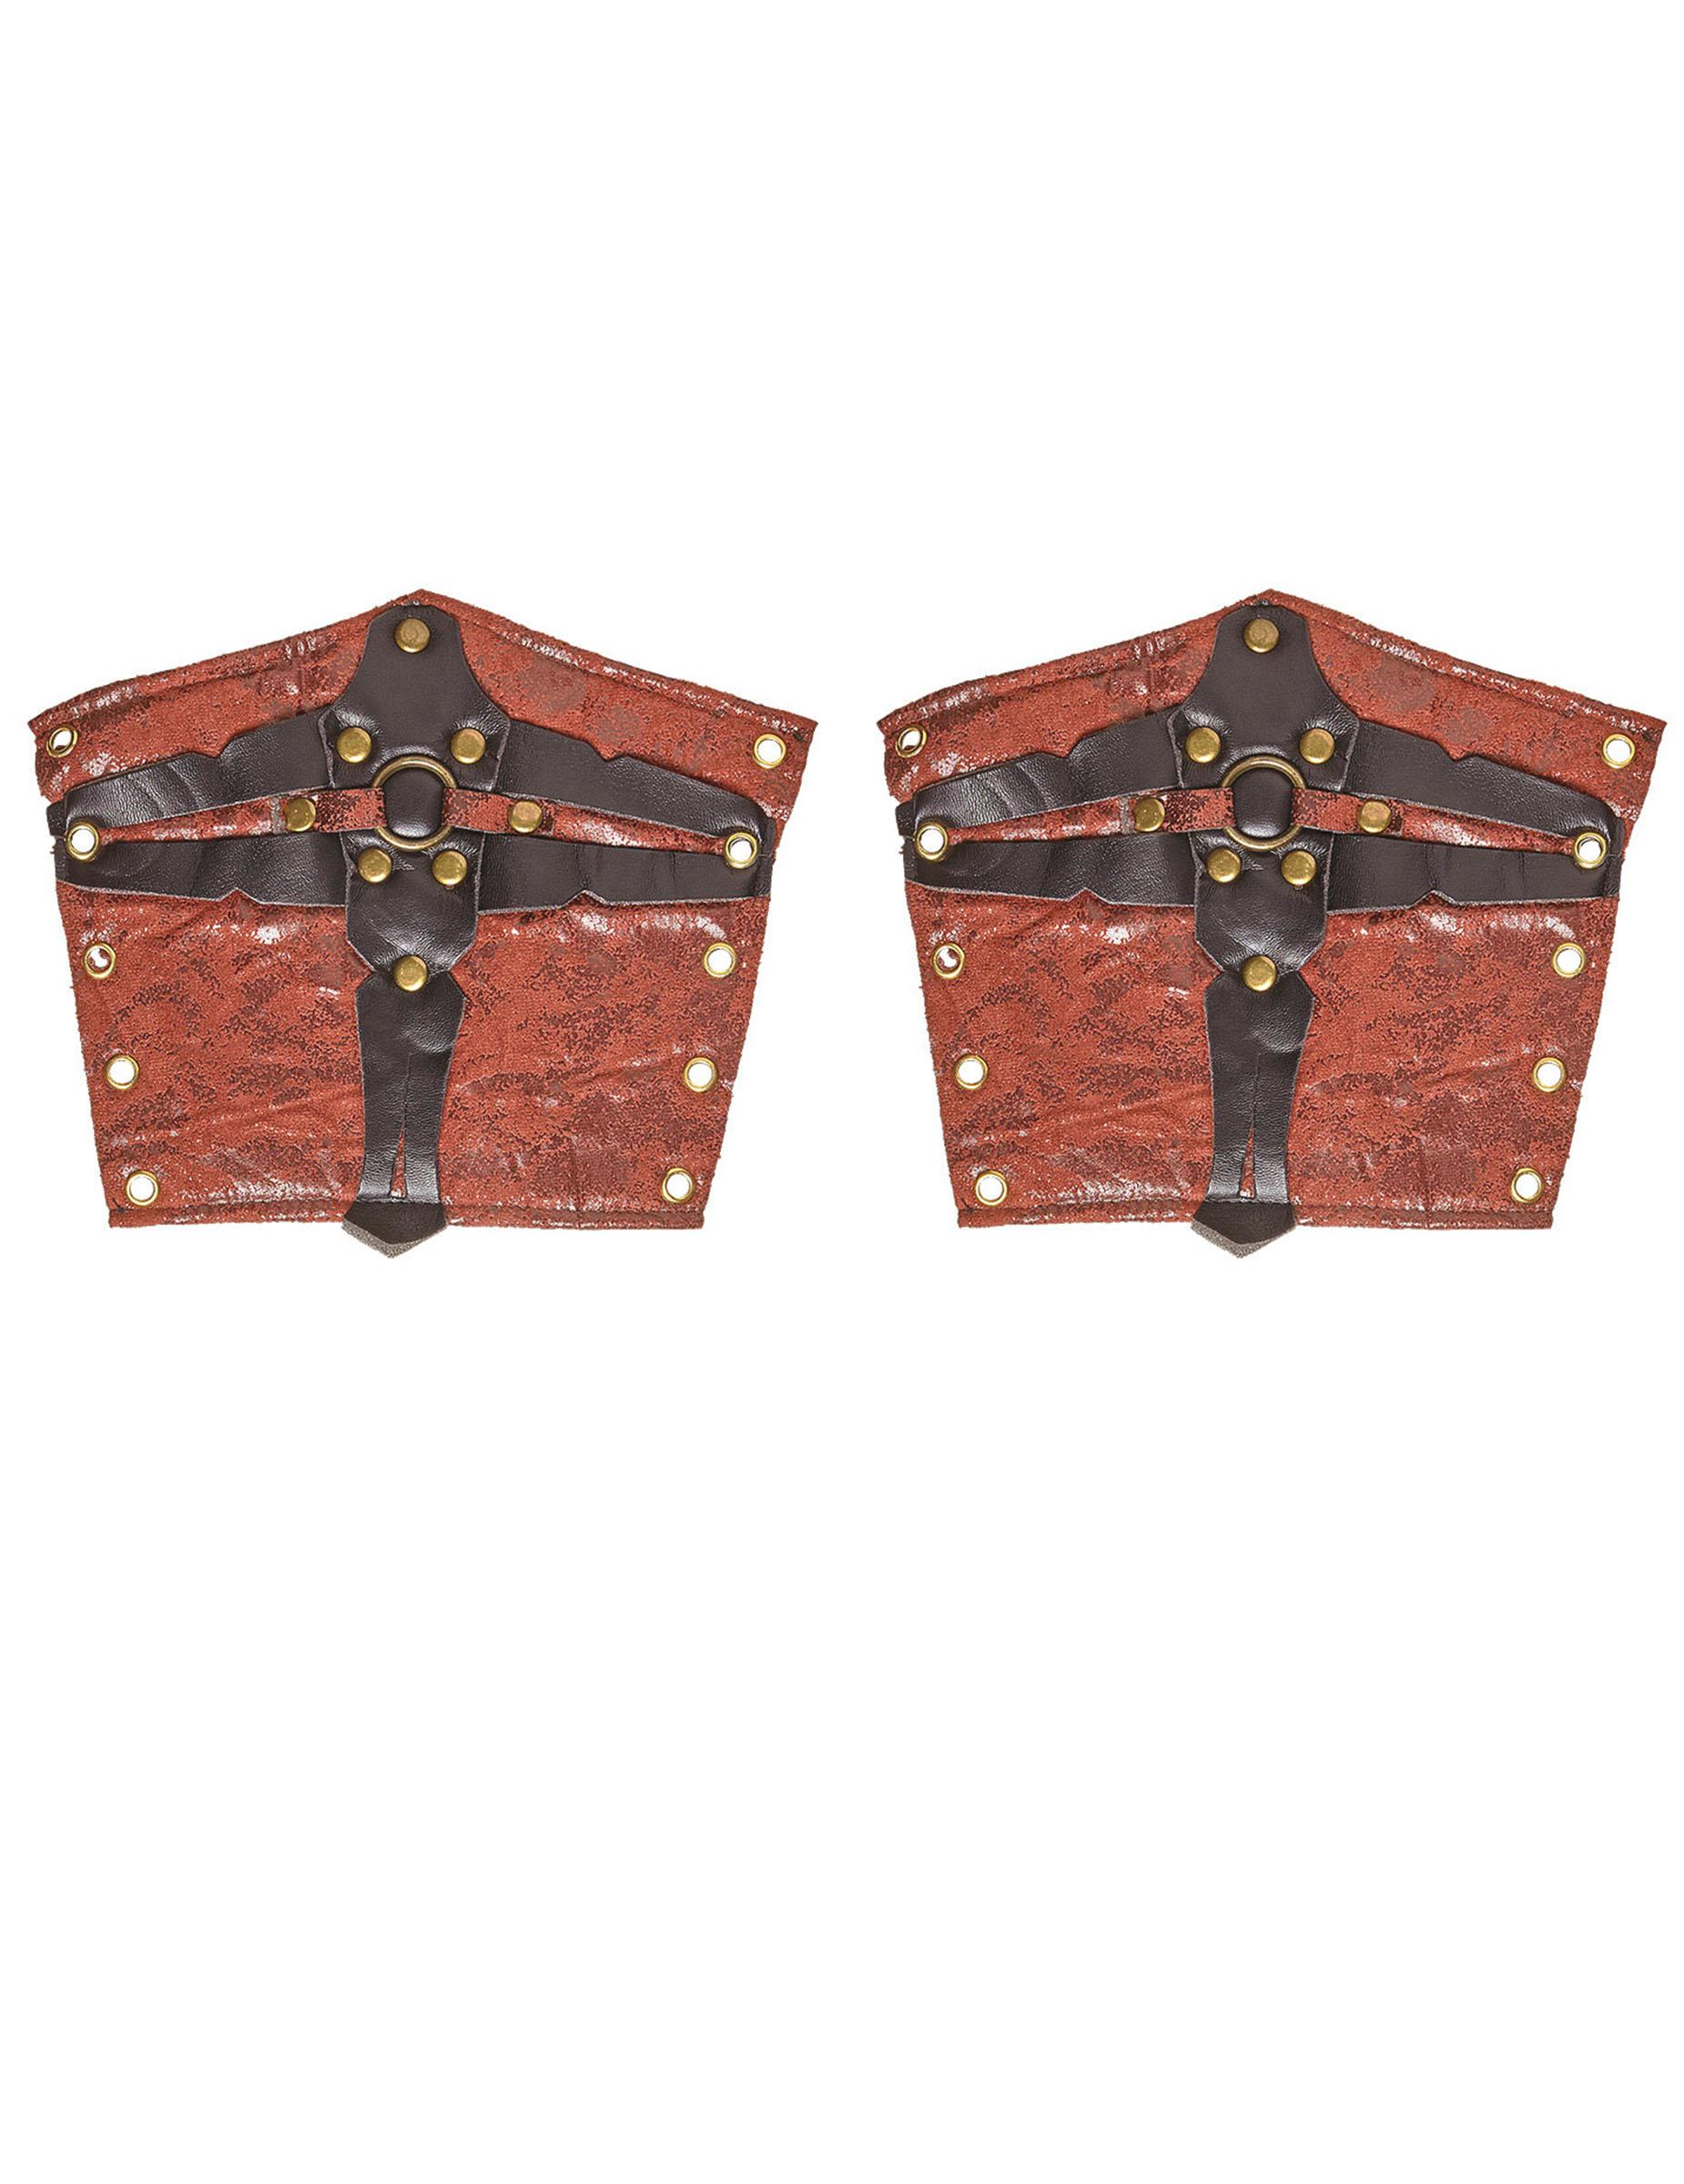 cc767161ea2b3 Protège bras soldat romain adulte   Deguise-toi, achat de Accessoires